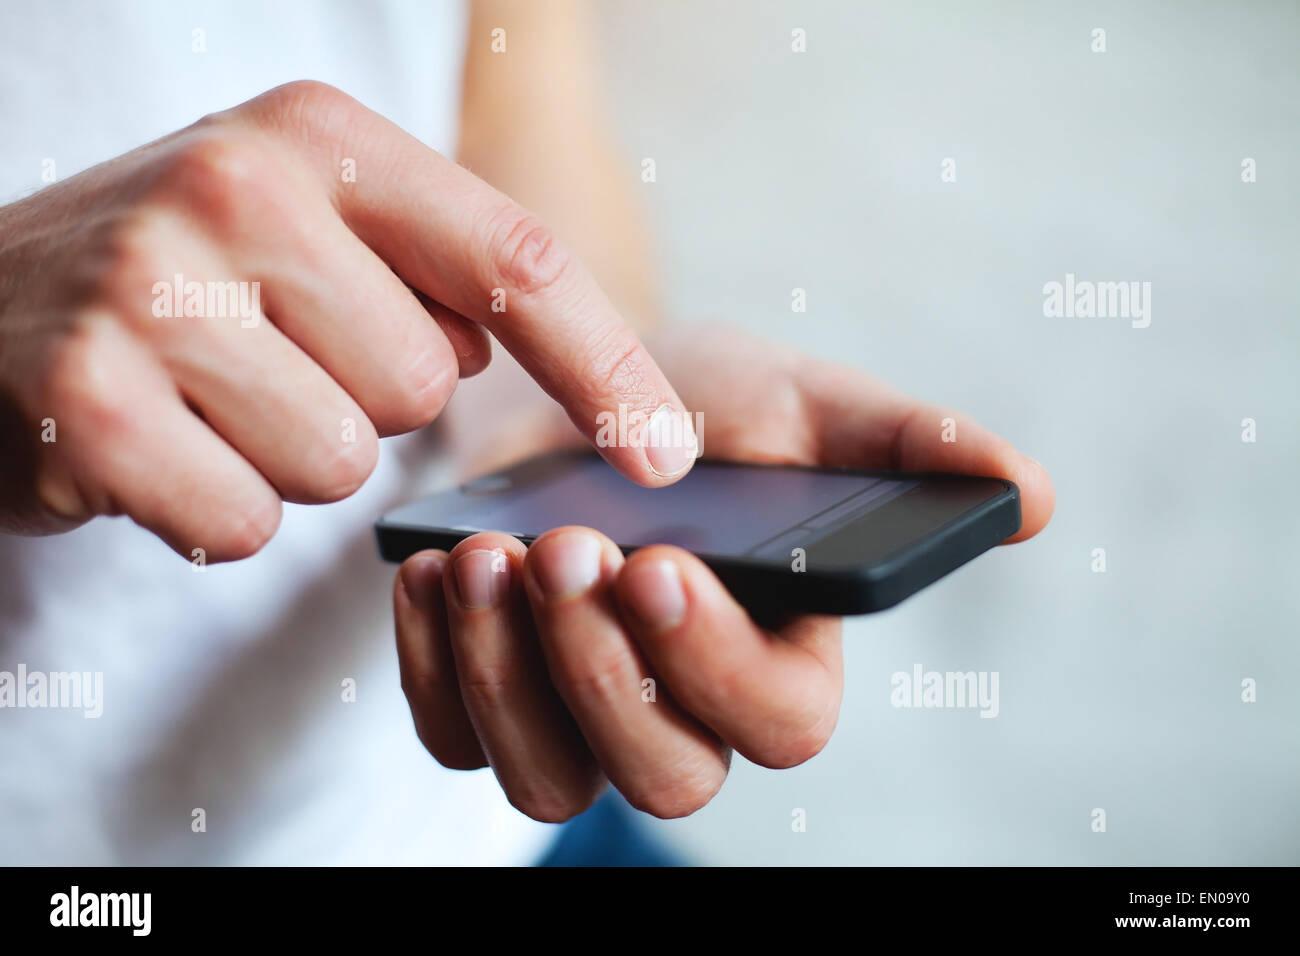 Manos sosteniendo teléfonos inteligentes. Foto de stock